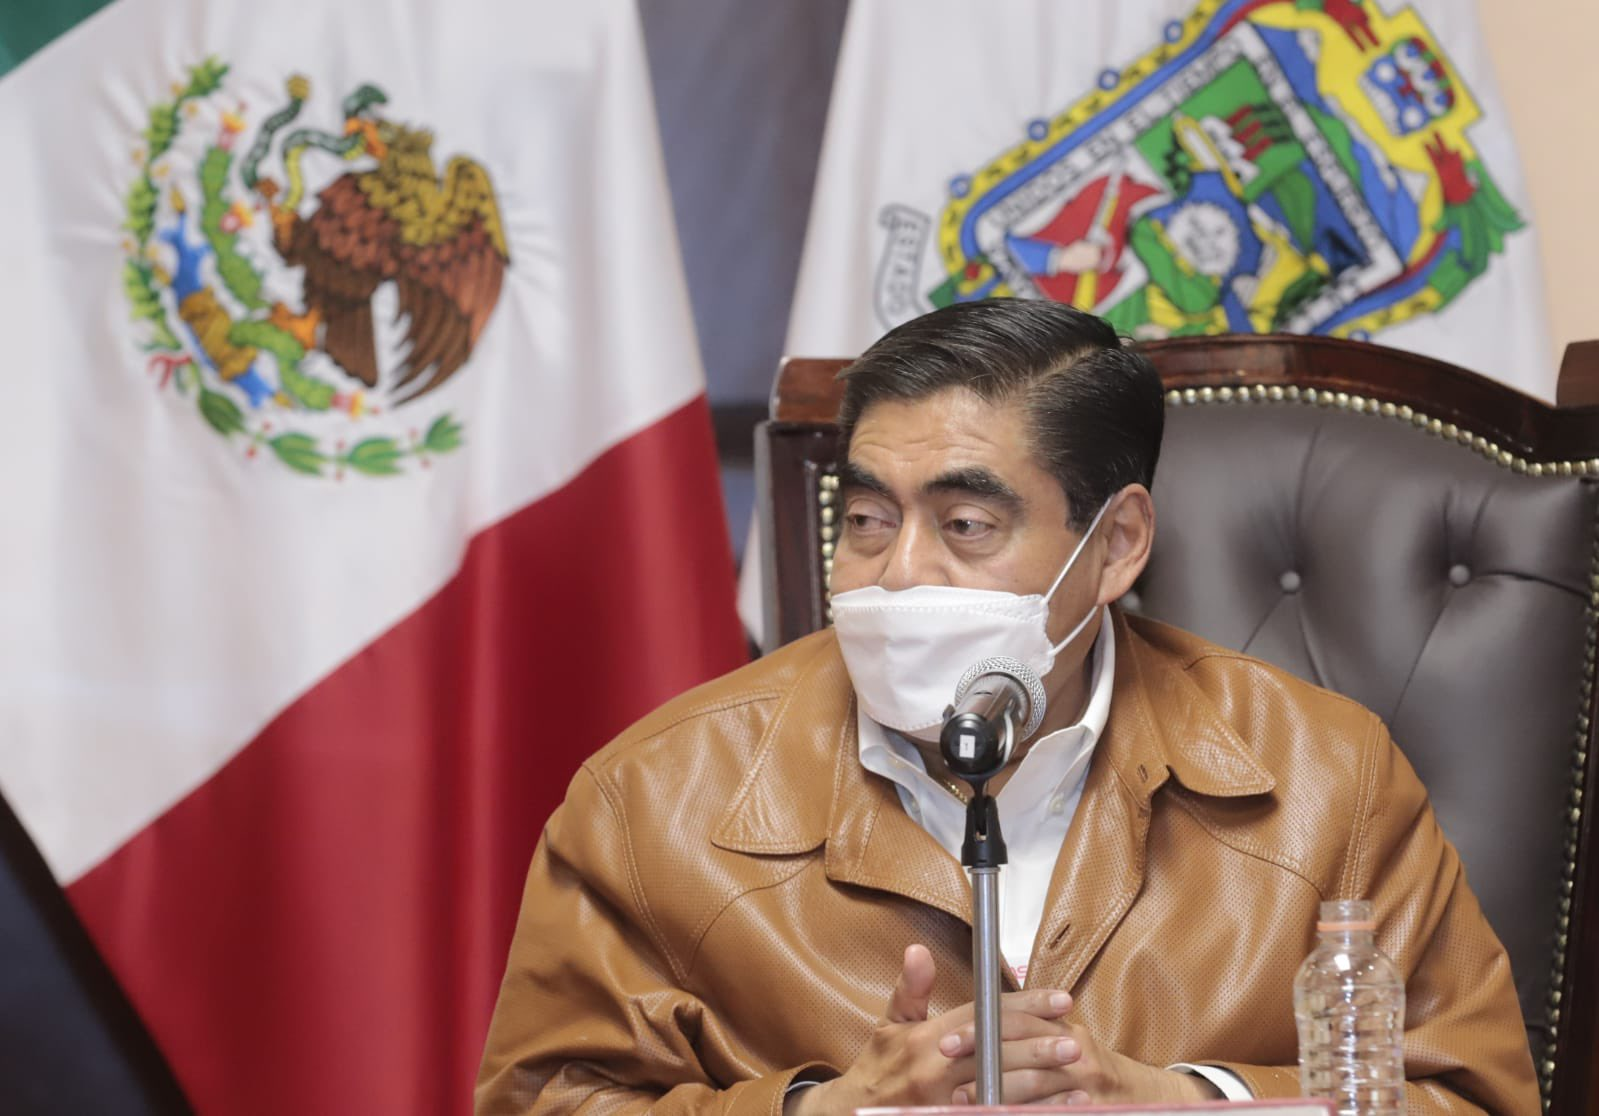 Litigio por conflicto de la UDLAP será largo, asegura Miguel Barbosa